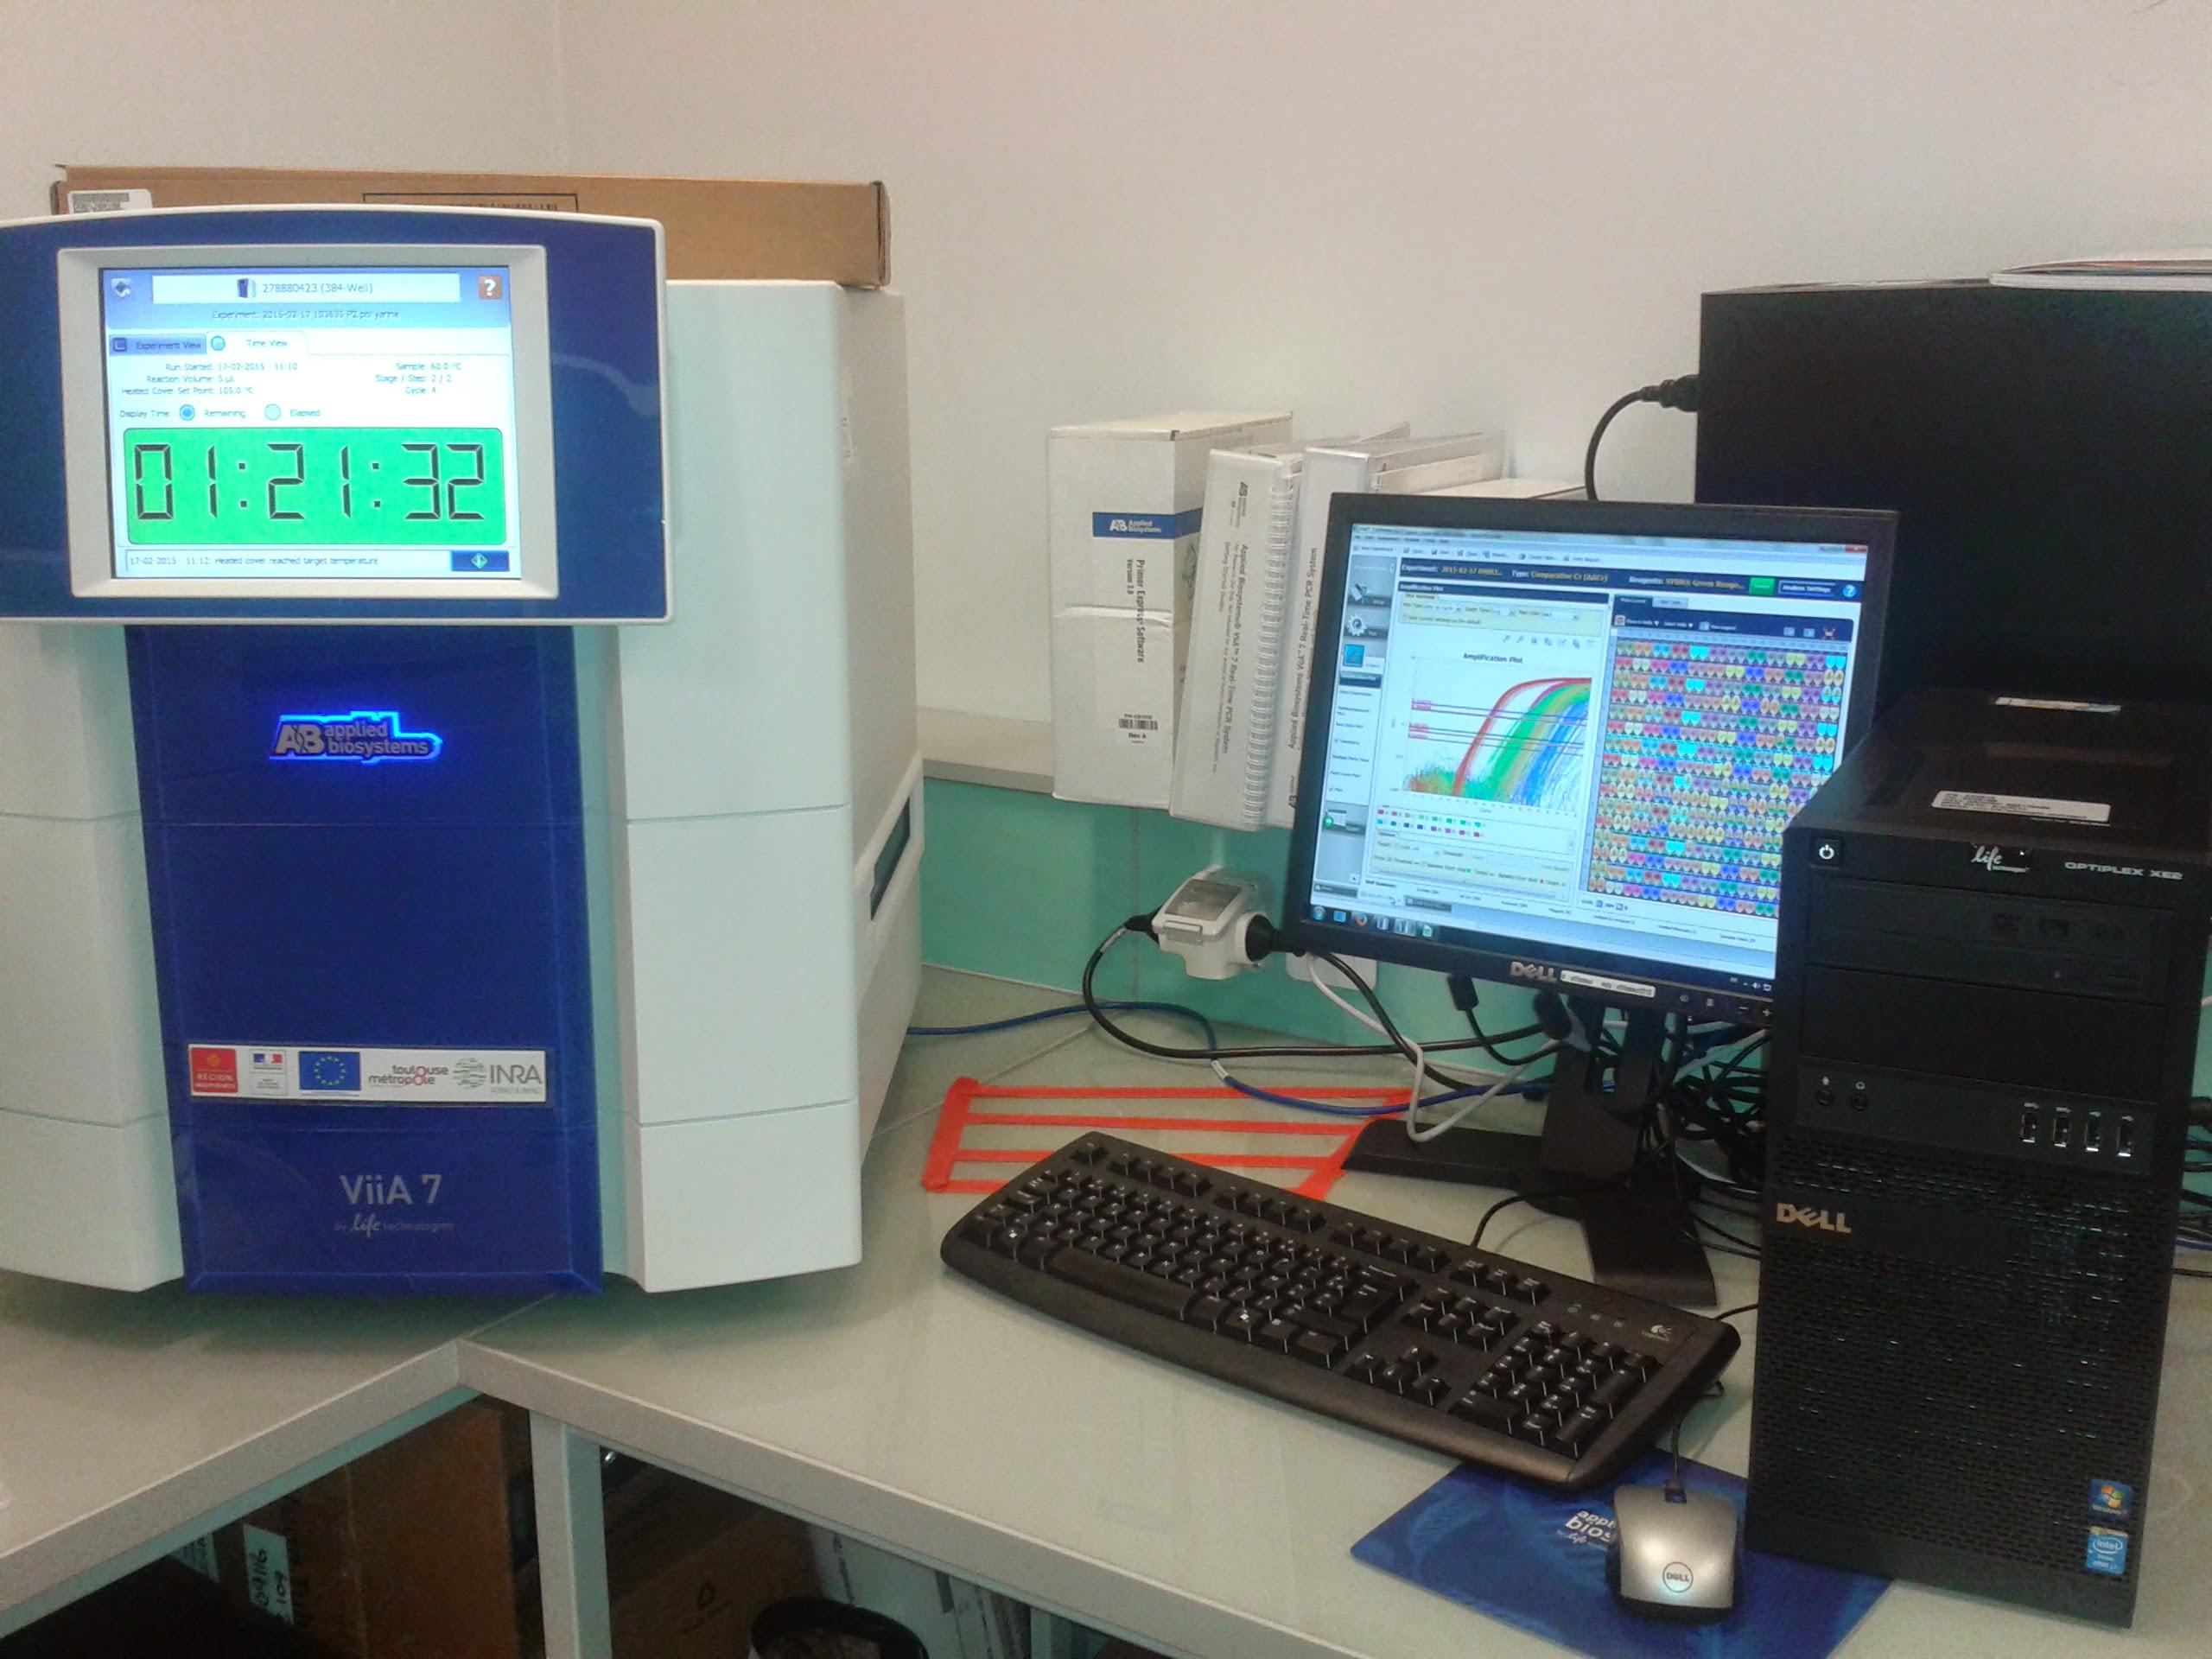 Thermo Fisher scientific ViiA7